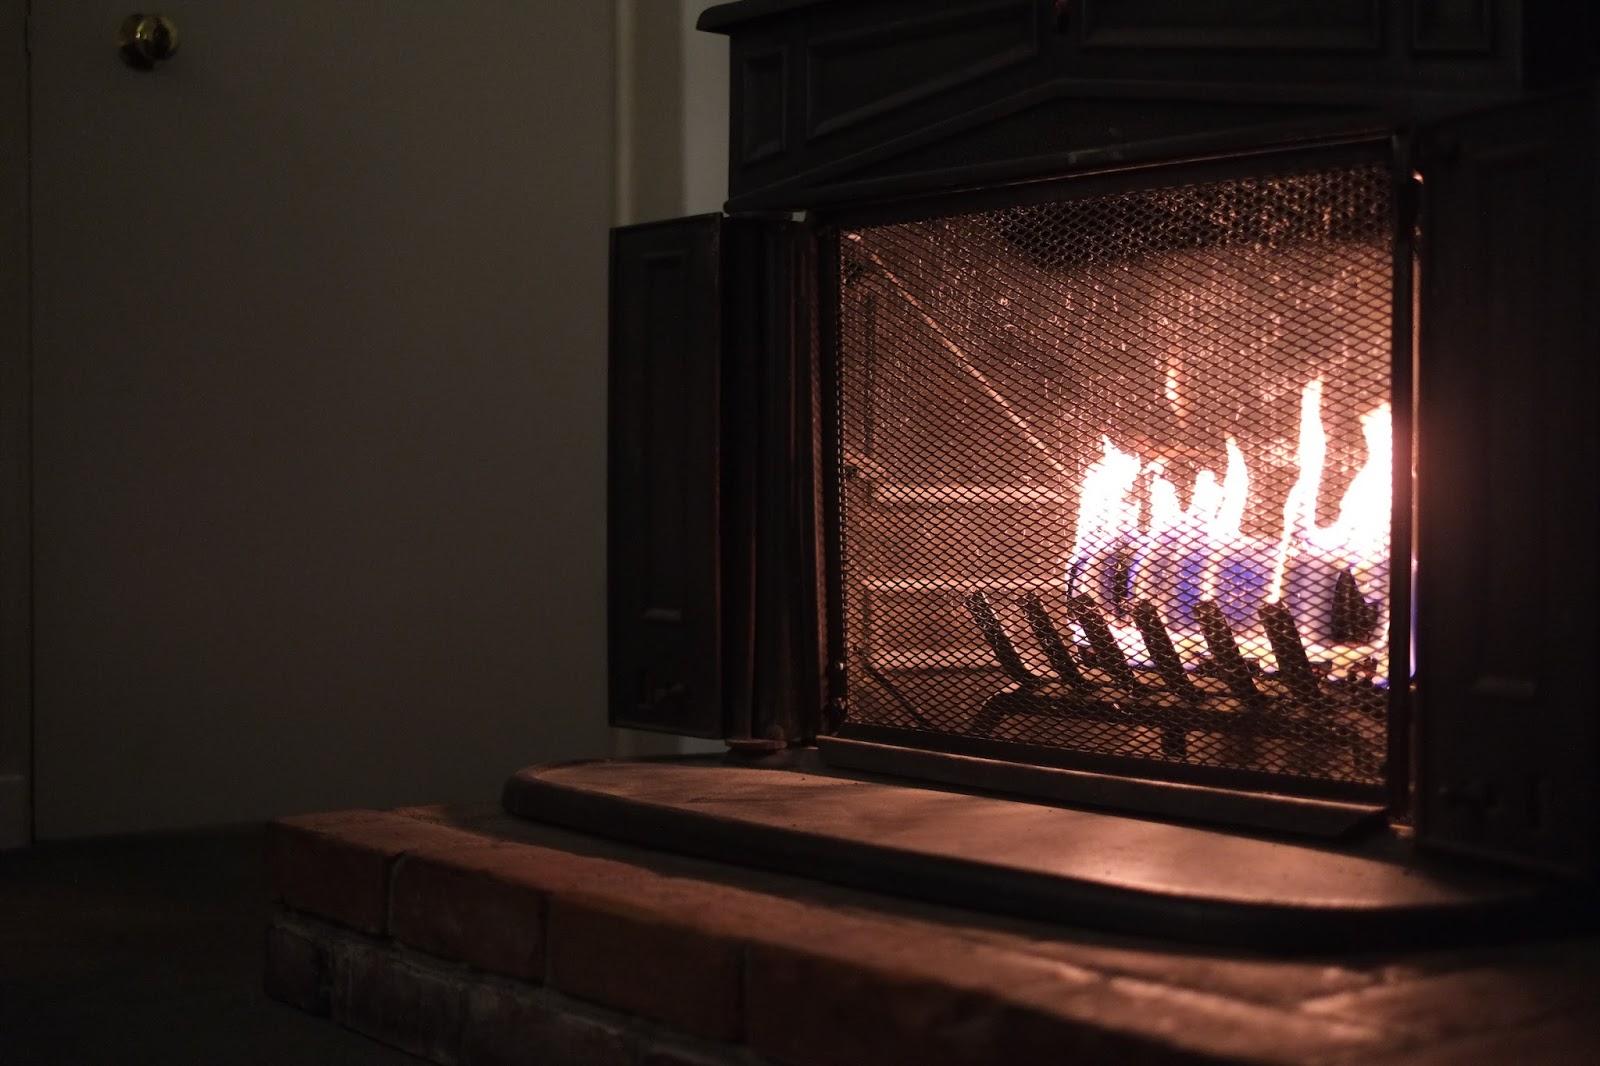 carmel-hofsas-house-inn-fireplace.JPG